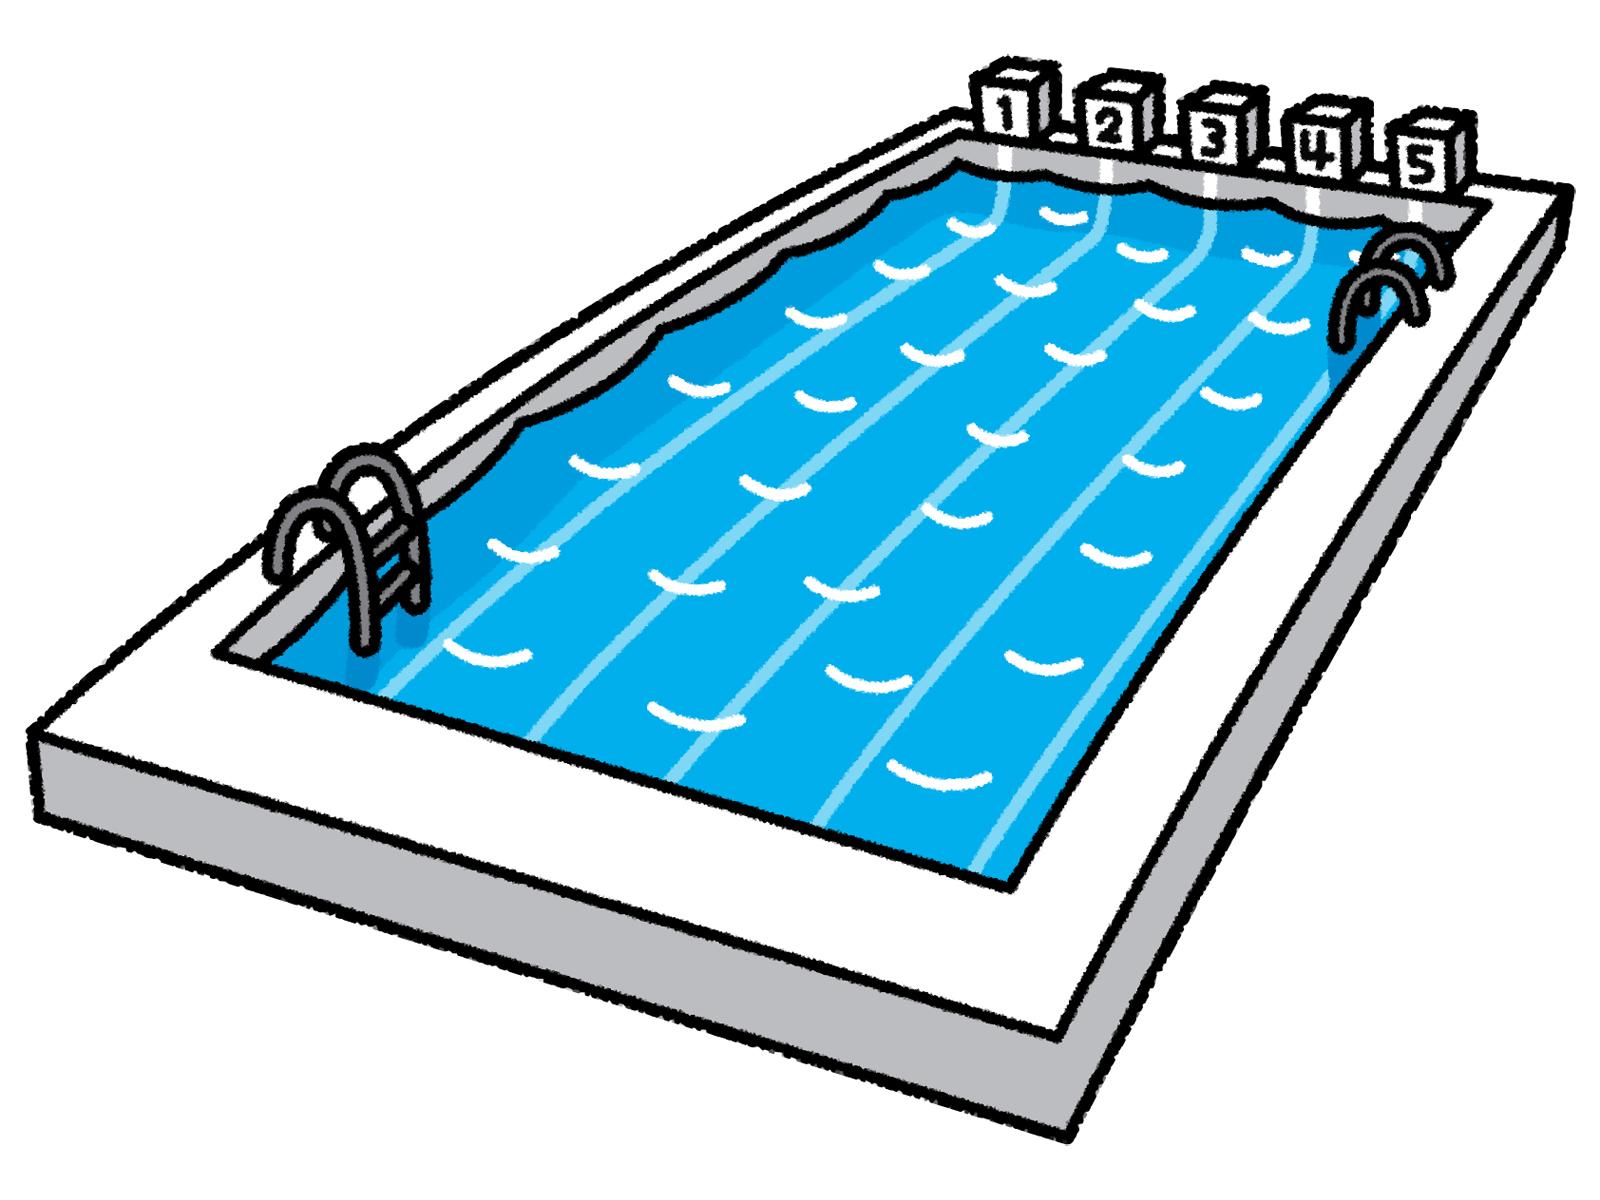 幼児期の水泳や水の硬度は、アトピー性皮膚炎のリスクになるか?